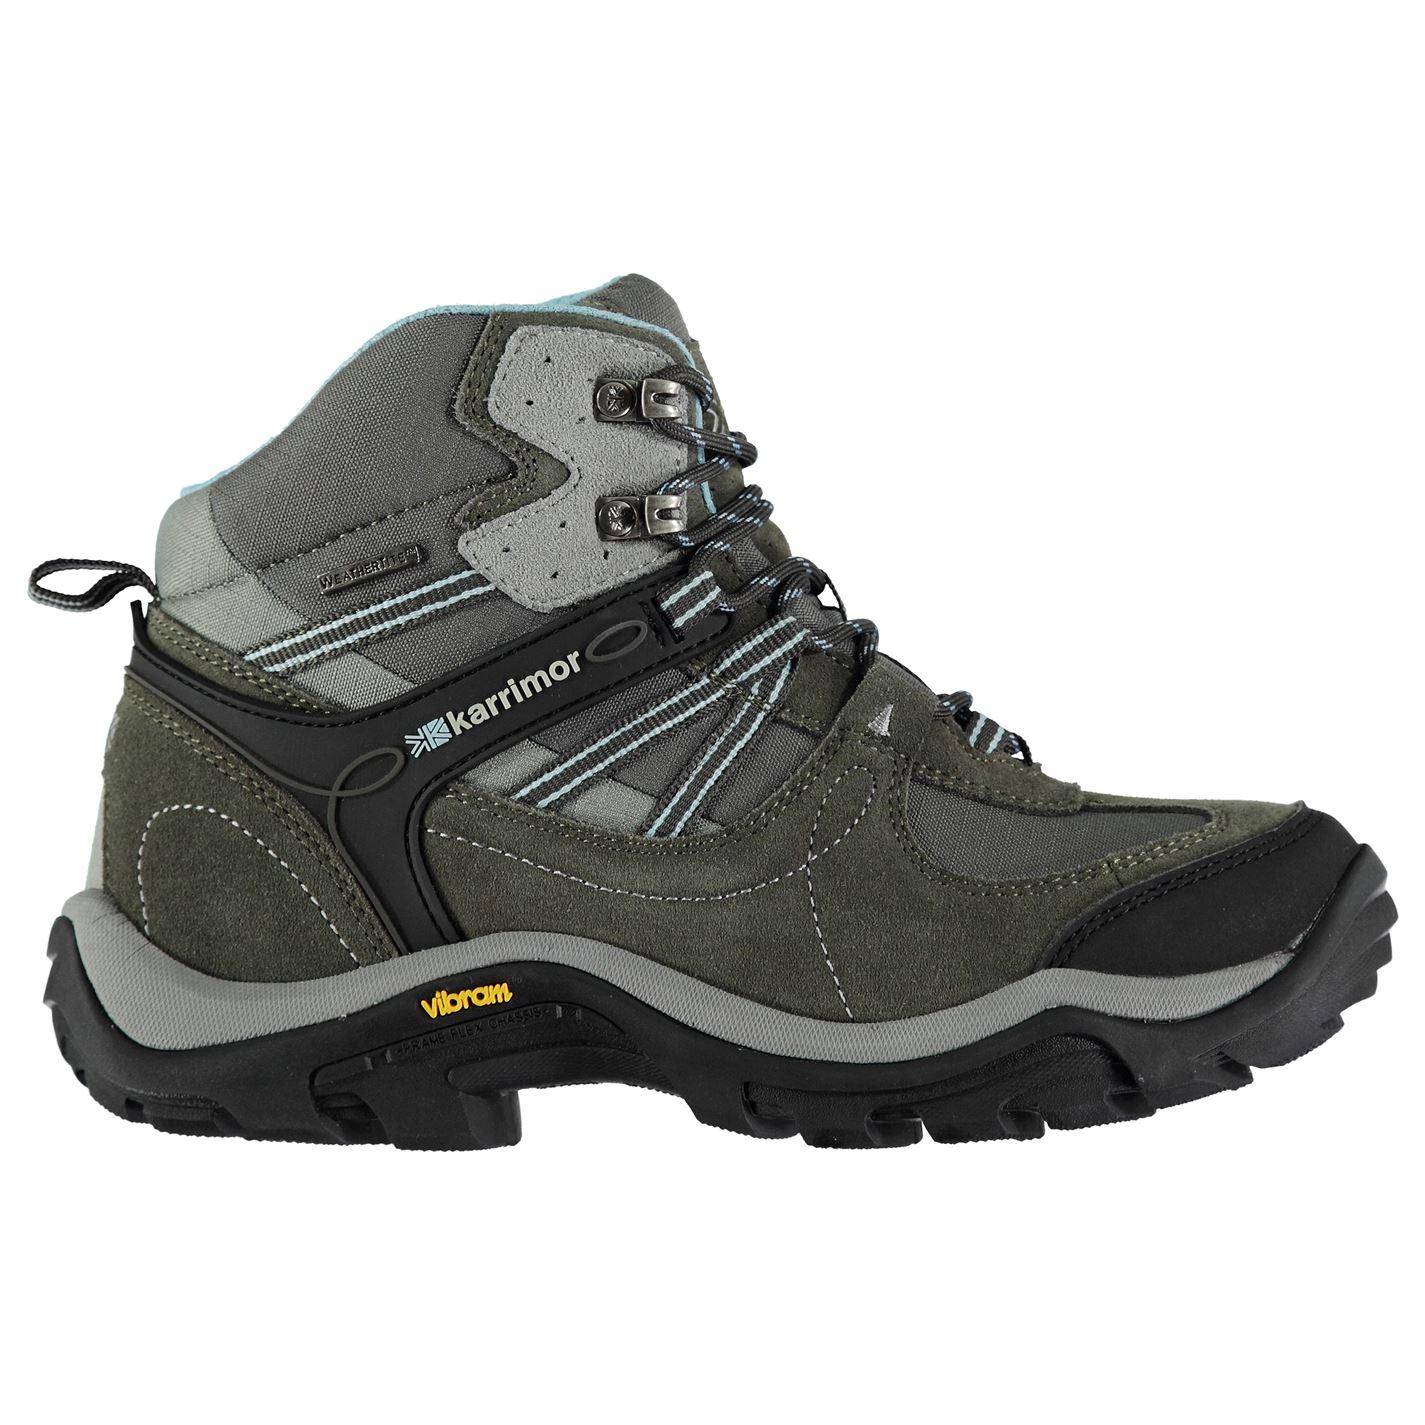 1ea4307a69a57 Karrimor Aspen Mid Ladies Walking Boots